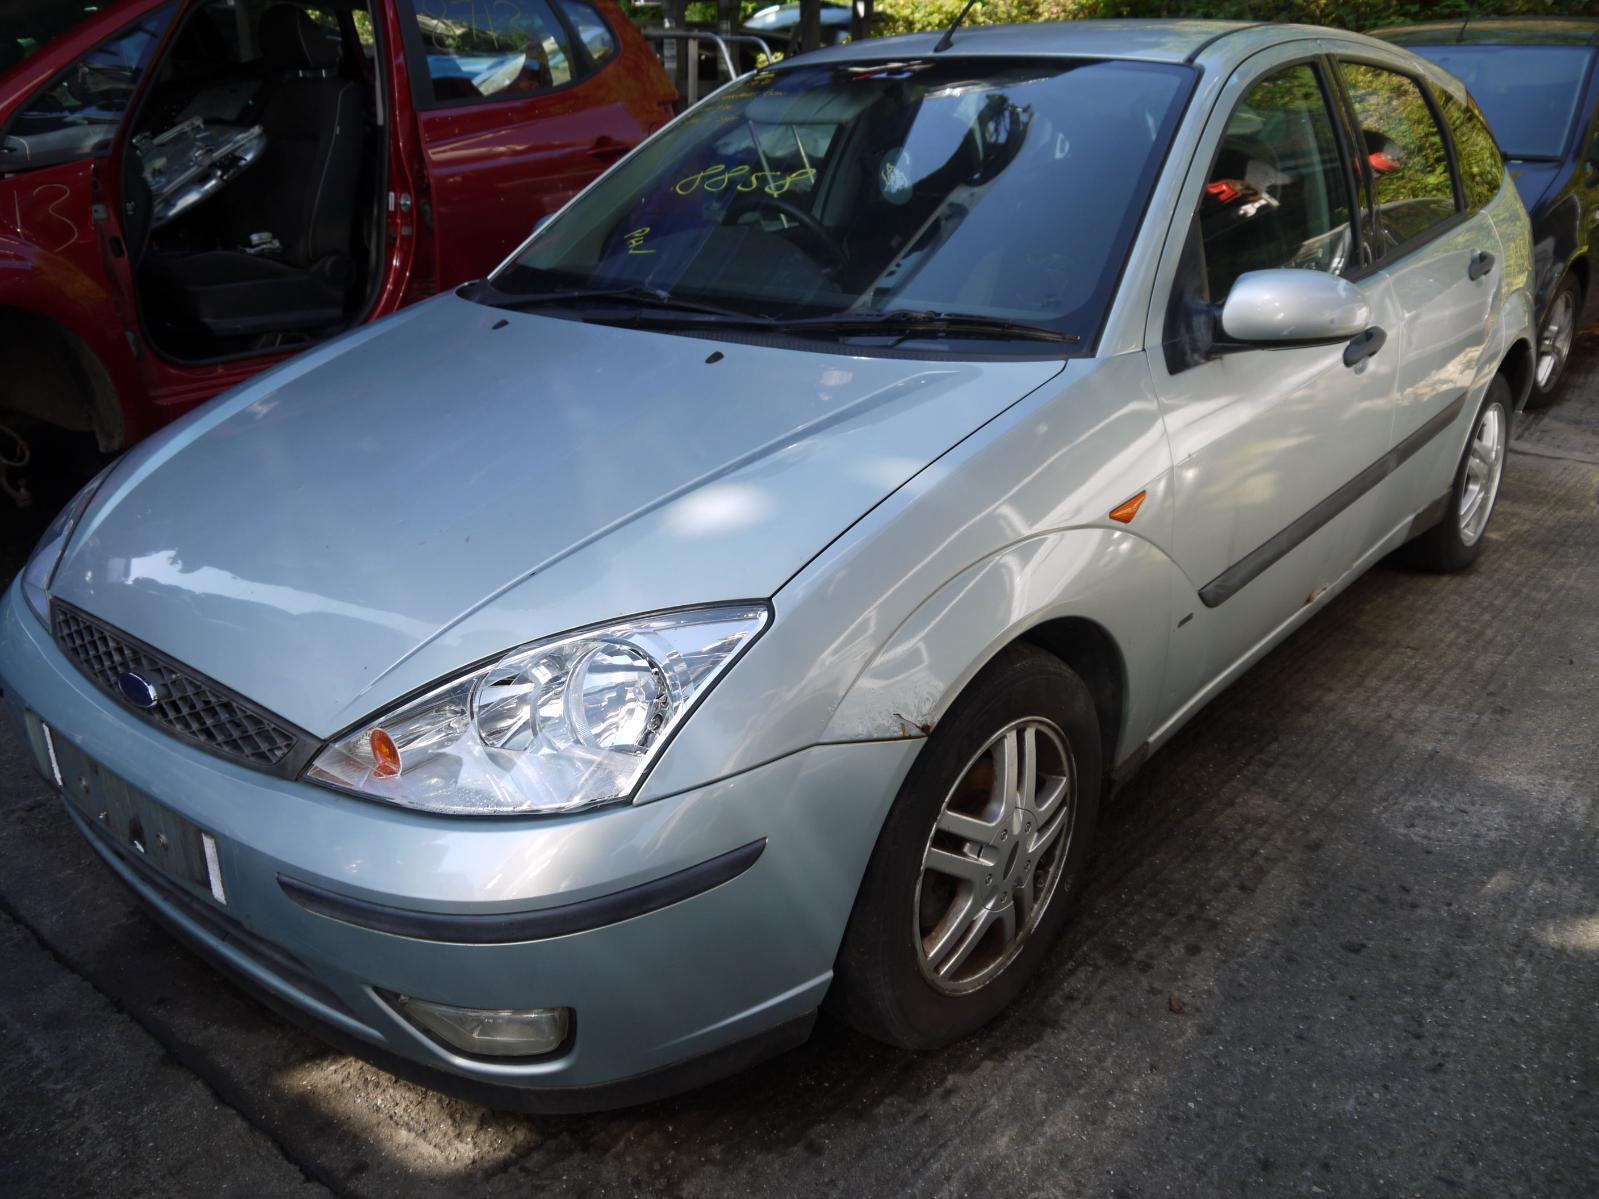 Image for a FORD FOCUS 2004 5 Door Hatchback